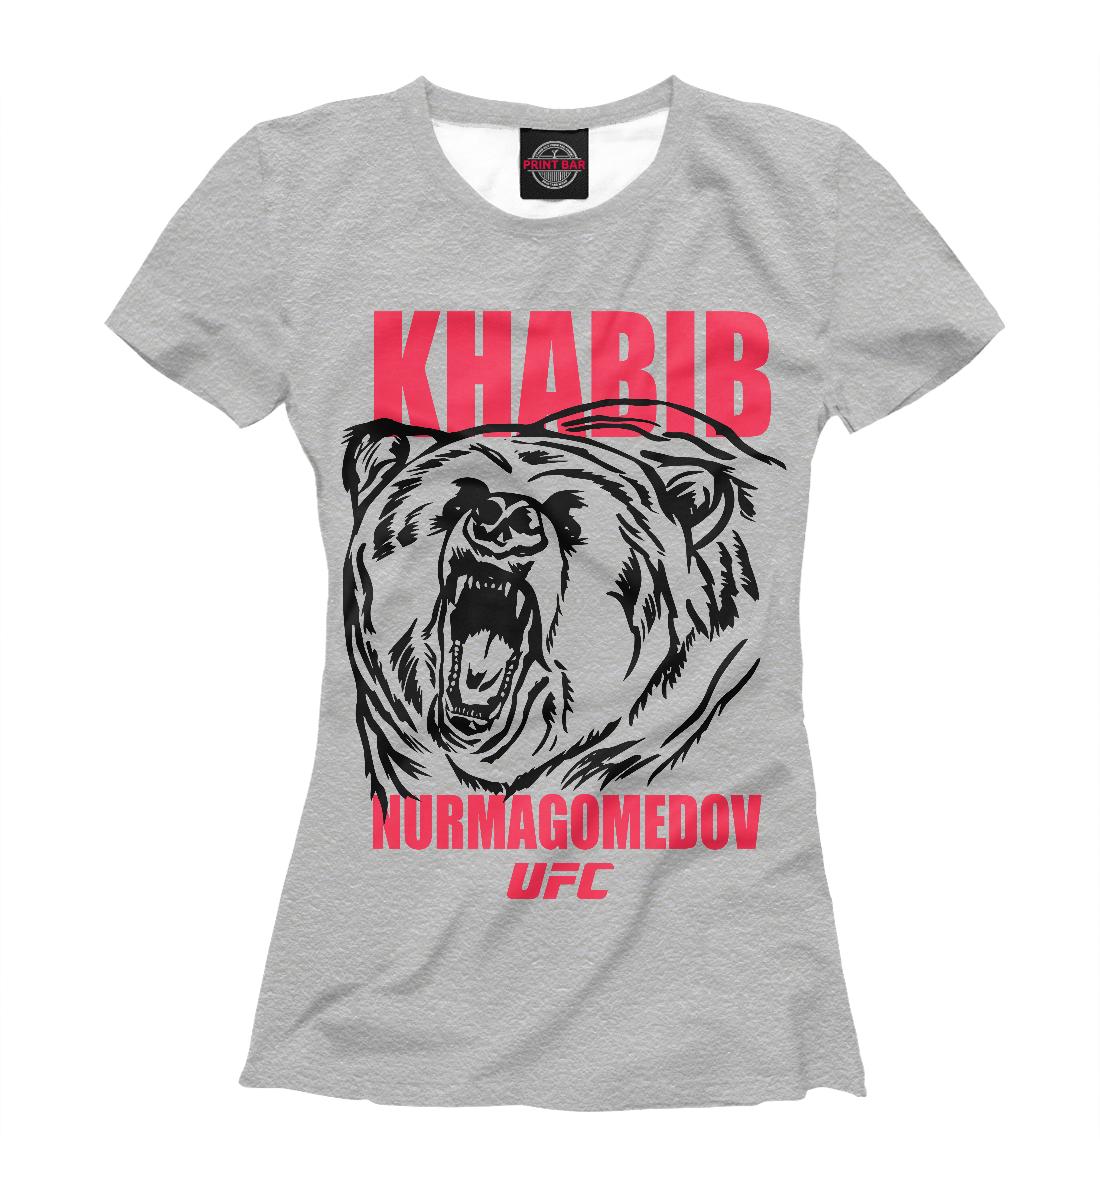 Купить Khabib Nurmagomedov UFC, Printbar, Футболки, NUR-692018-fut-1